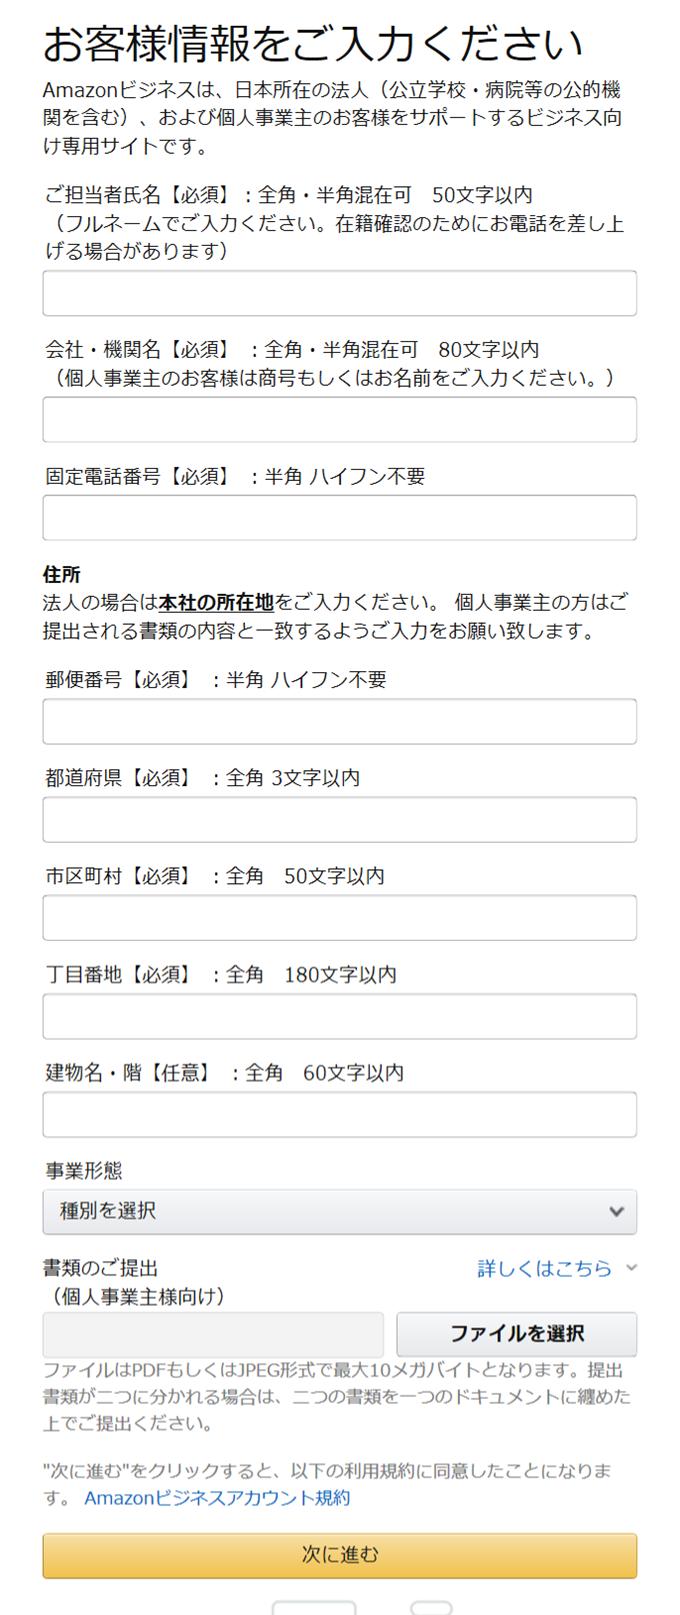 Amazonビジネスで登録者情報の入力